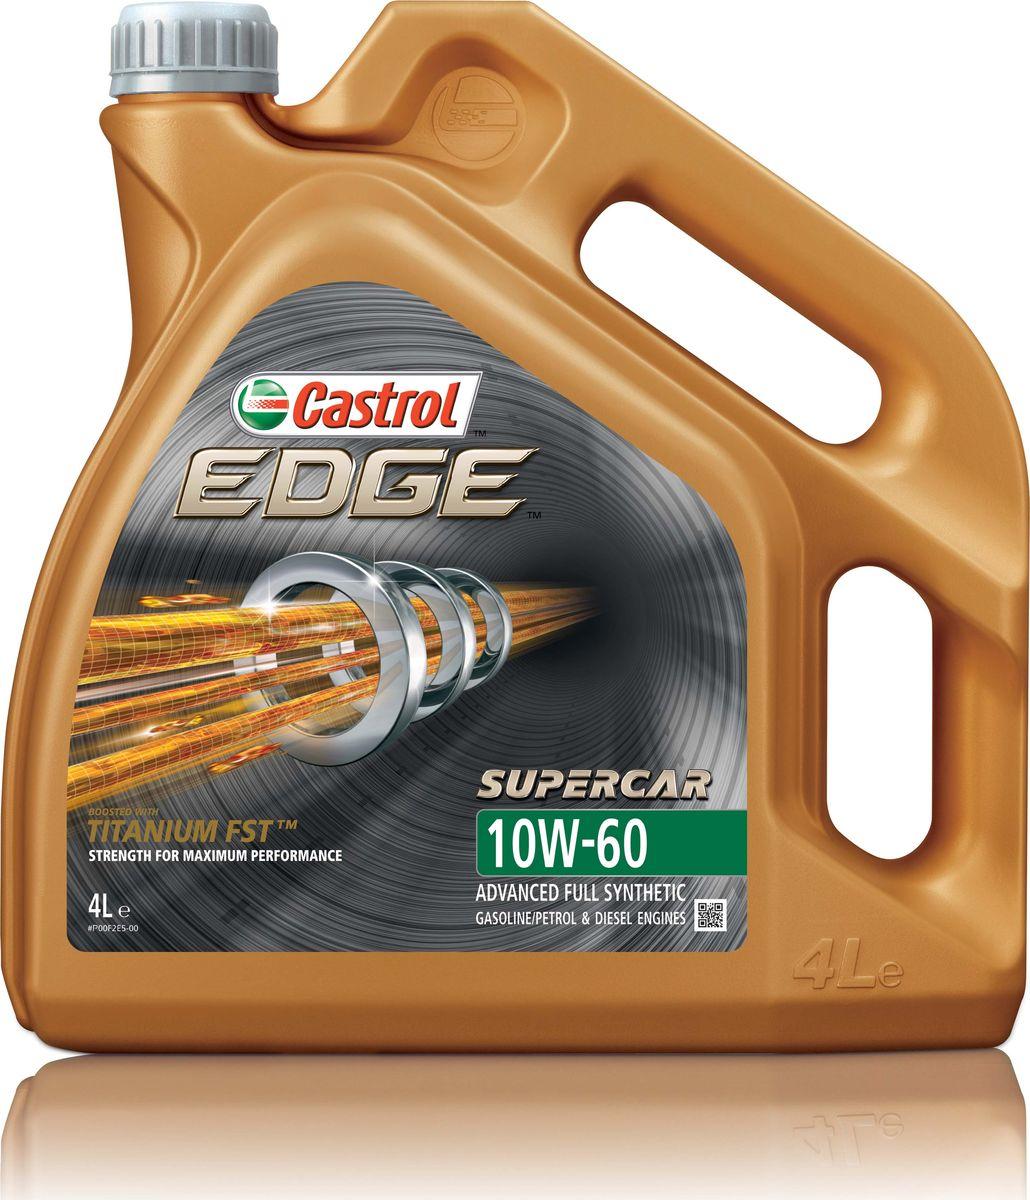 Масло моторное Castrol Edge, синтетическое, класс вязкости 10W-60, 4 л10503Полностью синтетическое моторное масло Castrol Edge произведено с использованием новейшей технологии TITANIUM FST™, придающей масляной пленке дополнительную силу и прочность благодаря соединениям титана.TITANIUM FST™ радикально меняет поведение масла в условиях экстремальных нагрузок, формируя дополнительный ударопоглощающий слой. Испытания подтвердили, что TITANIUM FST™ в 2 раза увеличивает прочность пленки, предотвращая ее разрыв и снижая трение для максимальной производительности двигателя.С Castrol Edge ваш автомобиль готов к любым испытаниям независимо от дорожных условий.Применение:- Castrol Edge предназначено для двигателей суперкаров, включая Aston Martin V8 Vantage S, Ferrari F12 Berlinetta, Ferrari FF, в которых производитель рекомендует применять моторные масла, соответствующие классу вязкости SAE 10W-60 и отраслевому стандарту ACEA A3/B4.- Castrol Edge одобрено для моторов суперкаров: Audi R8 V10 GT, Bugatti Chiron, Bugatti Veyron, требующих использования смазочных материалов, апробированных согласно спецификациям VW 501 01/ 505 00.- Castrol Edge одобрено для применения в двигателях Koenigsegg.- Castrol Edge предписано BMW для моторов моделей BMW М-серии.Castrol Edge:- поддерживает максимальную эффективность работы двигателя, как в краткосрочном периоде времени, так и на длительный срок эксплуатации;- обеспечивает непревзойденный уровень защиты мотора в разных условиях движения и широком диапазоне температур;- подавляет образование отложений, способствуя повышению скорости реакции двигателя на нажатие педали акселератора.Спецификации: ACEA A3/B3, A3/B4,API SN/CF,Approved for BMW M-Models,Koenigsegg Approved,VW 501 01/ 505 00.Товар сертифицирован.